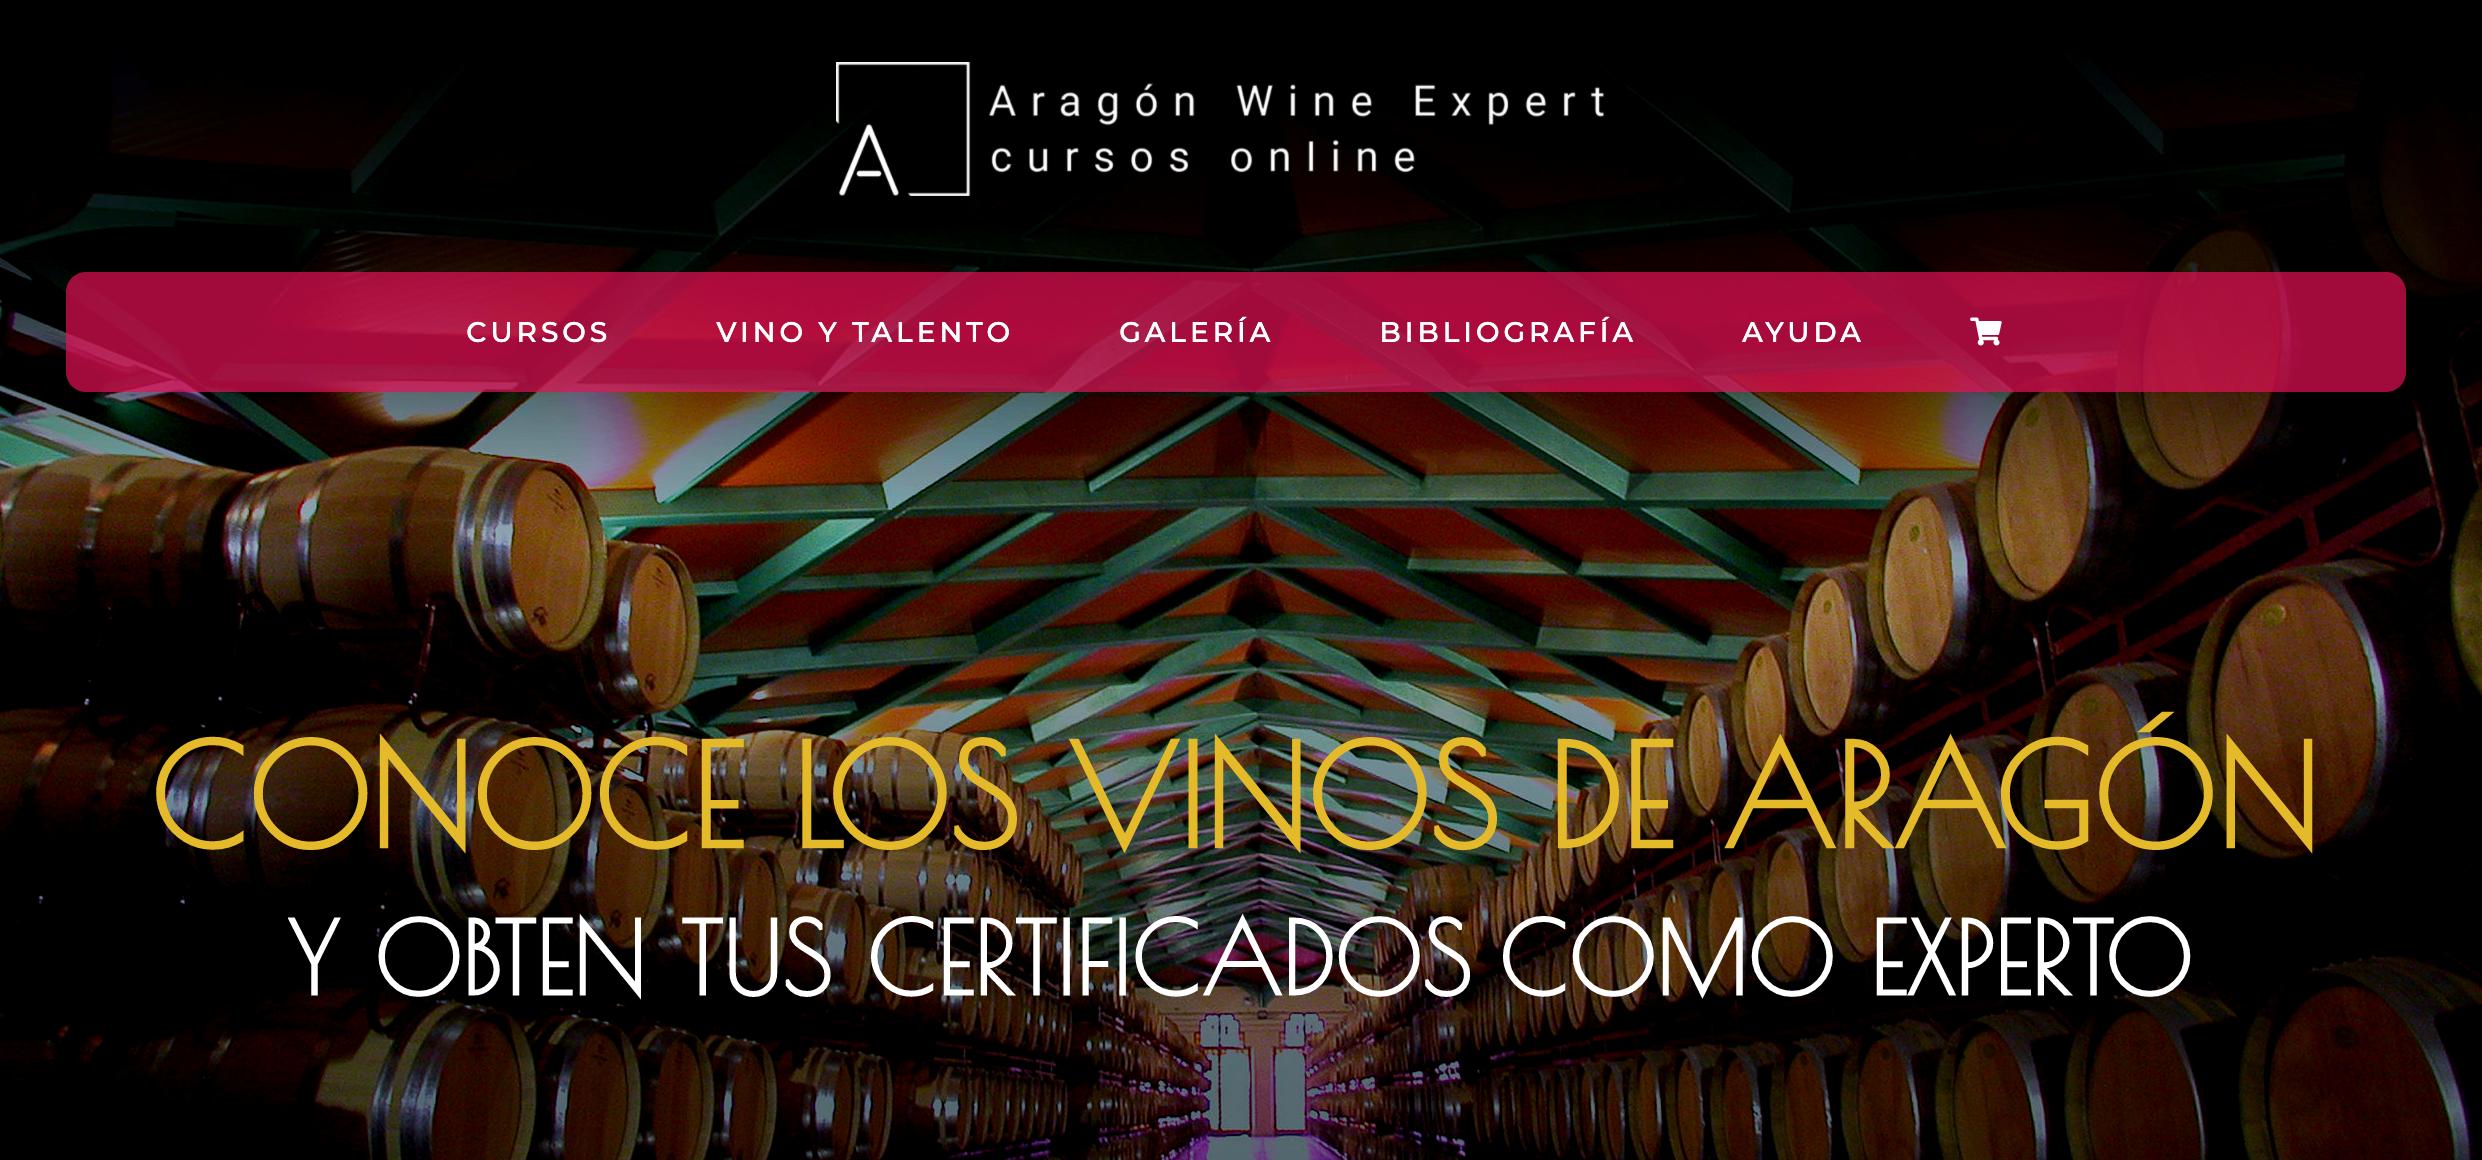 aragon wine expert formación online